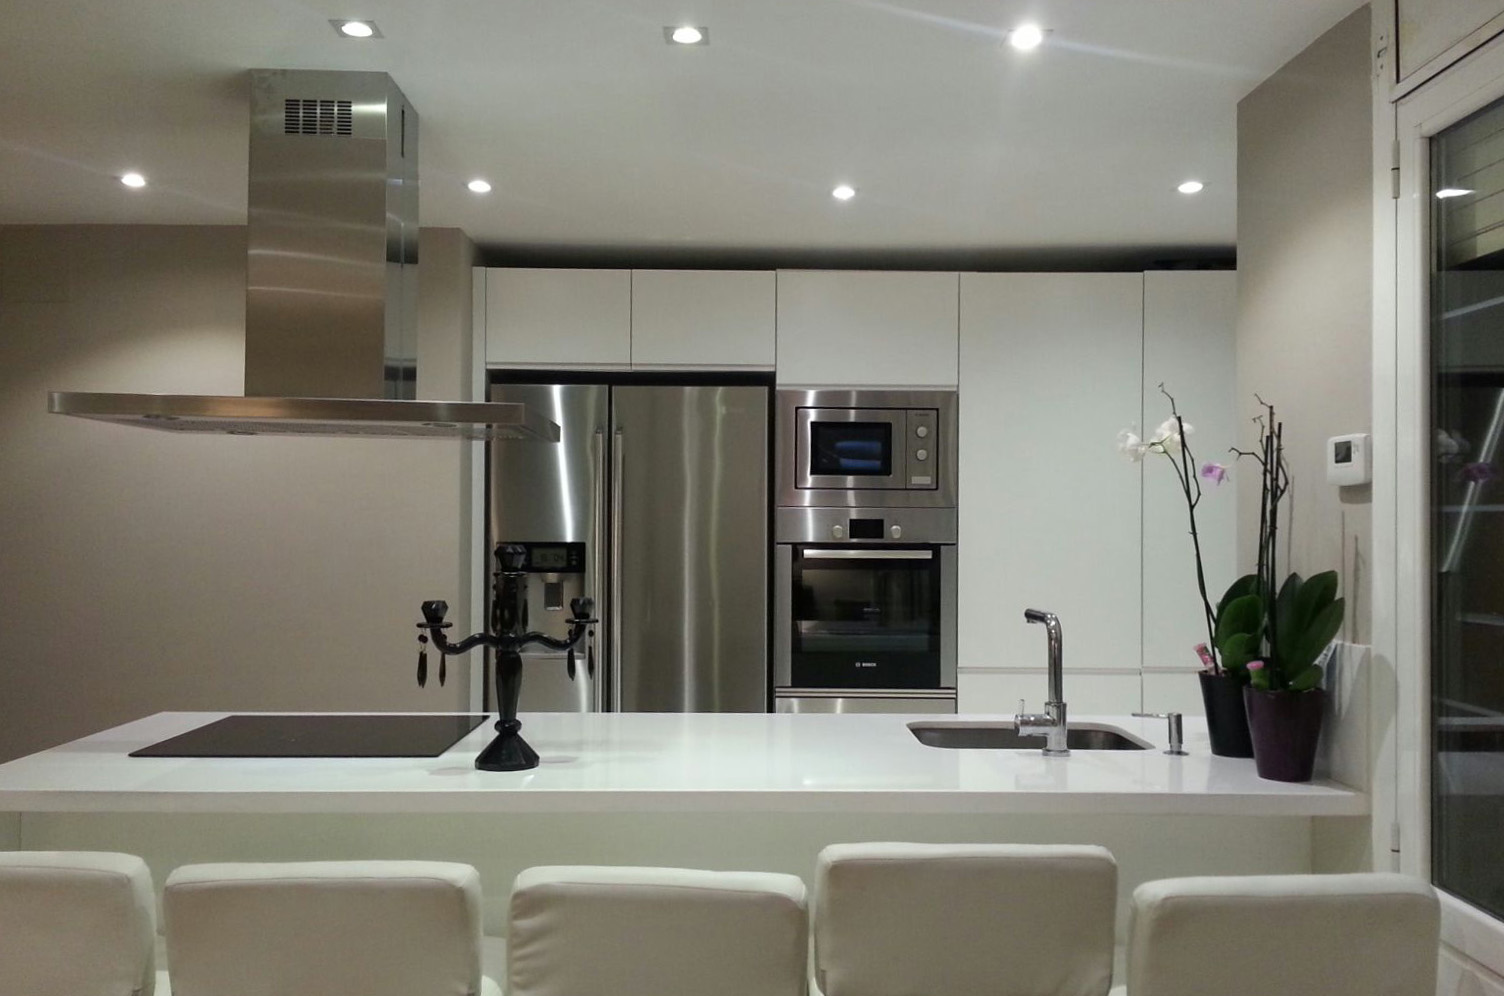 Muebles de cocina a medida lacados en blanco con uñero